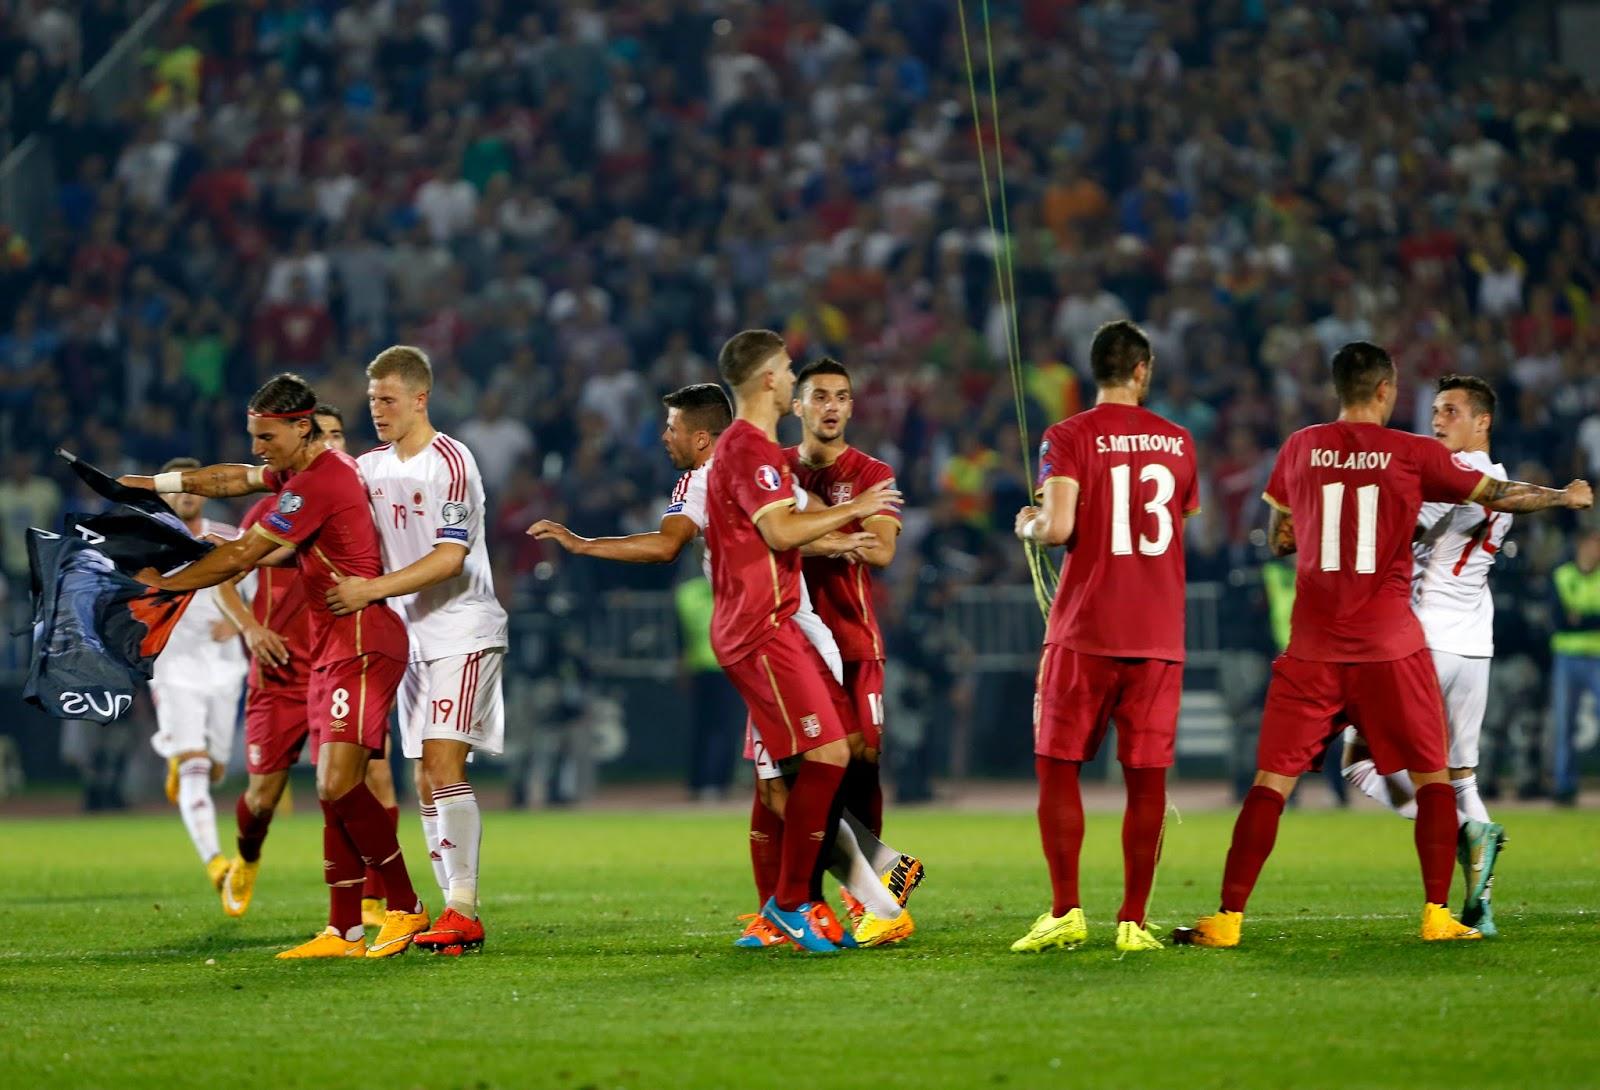 Caos en partido Serbia vs Albania a causa de un dron